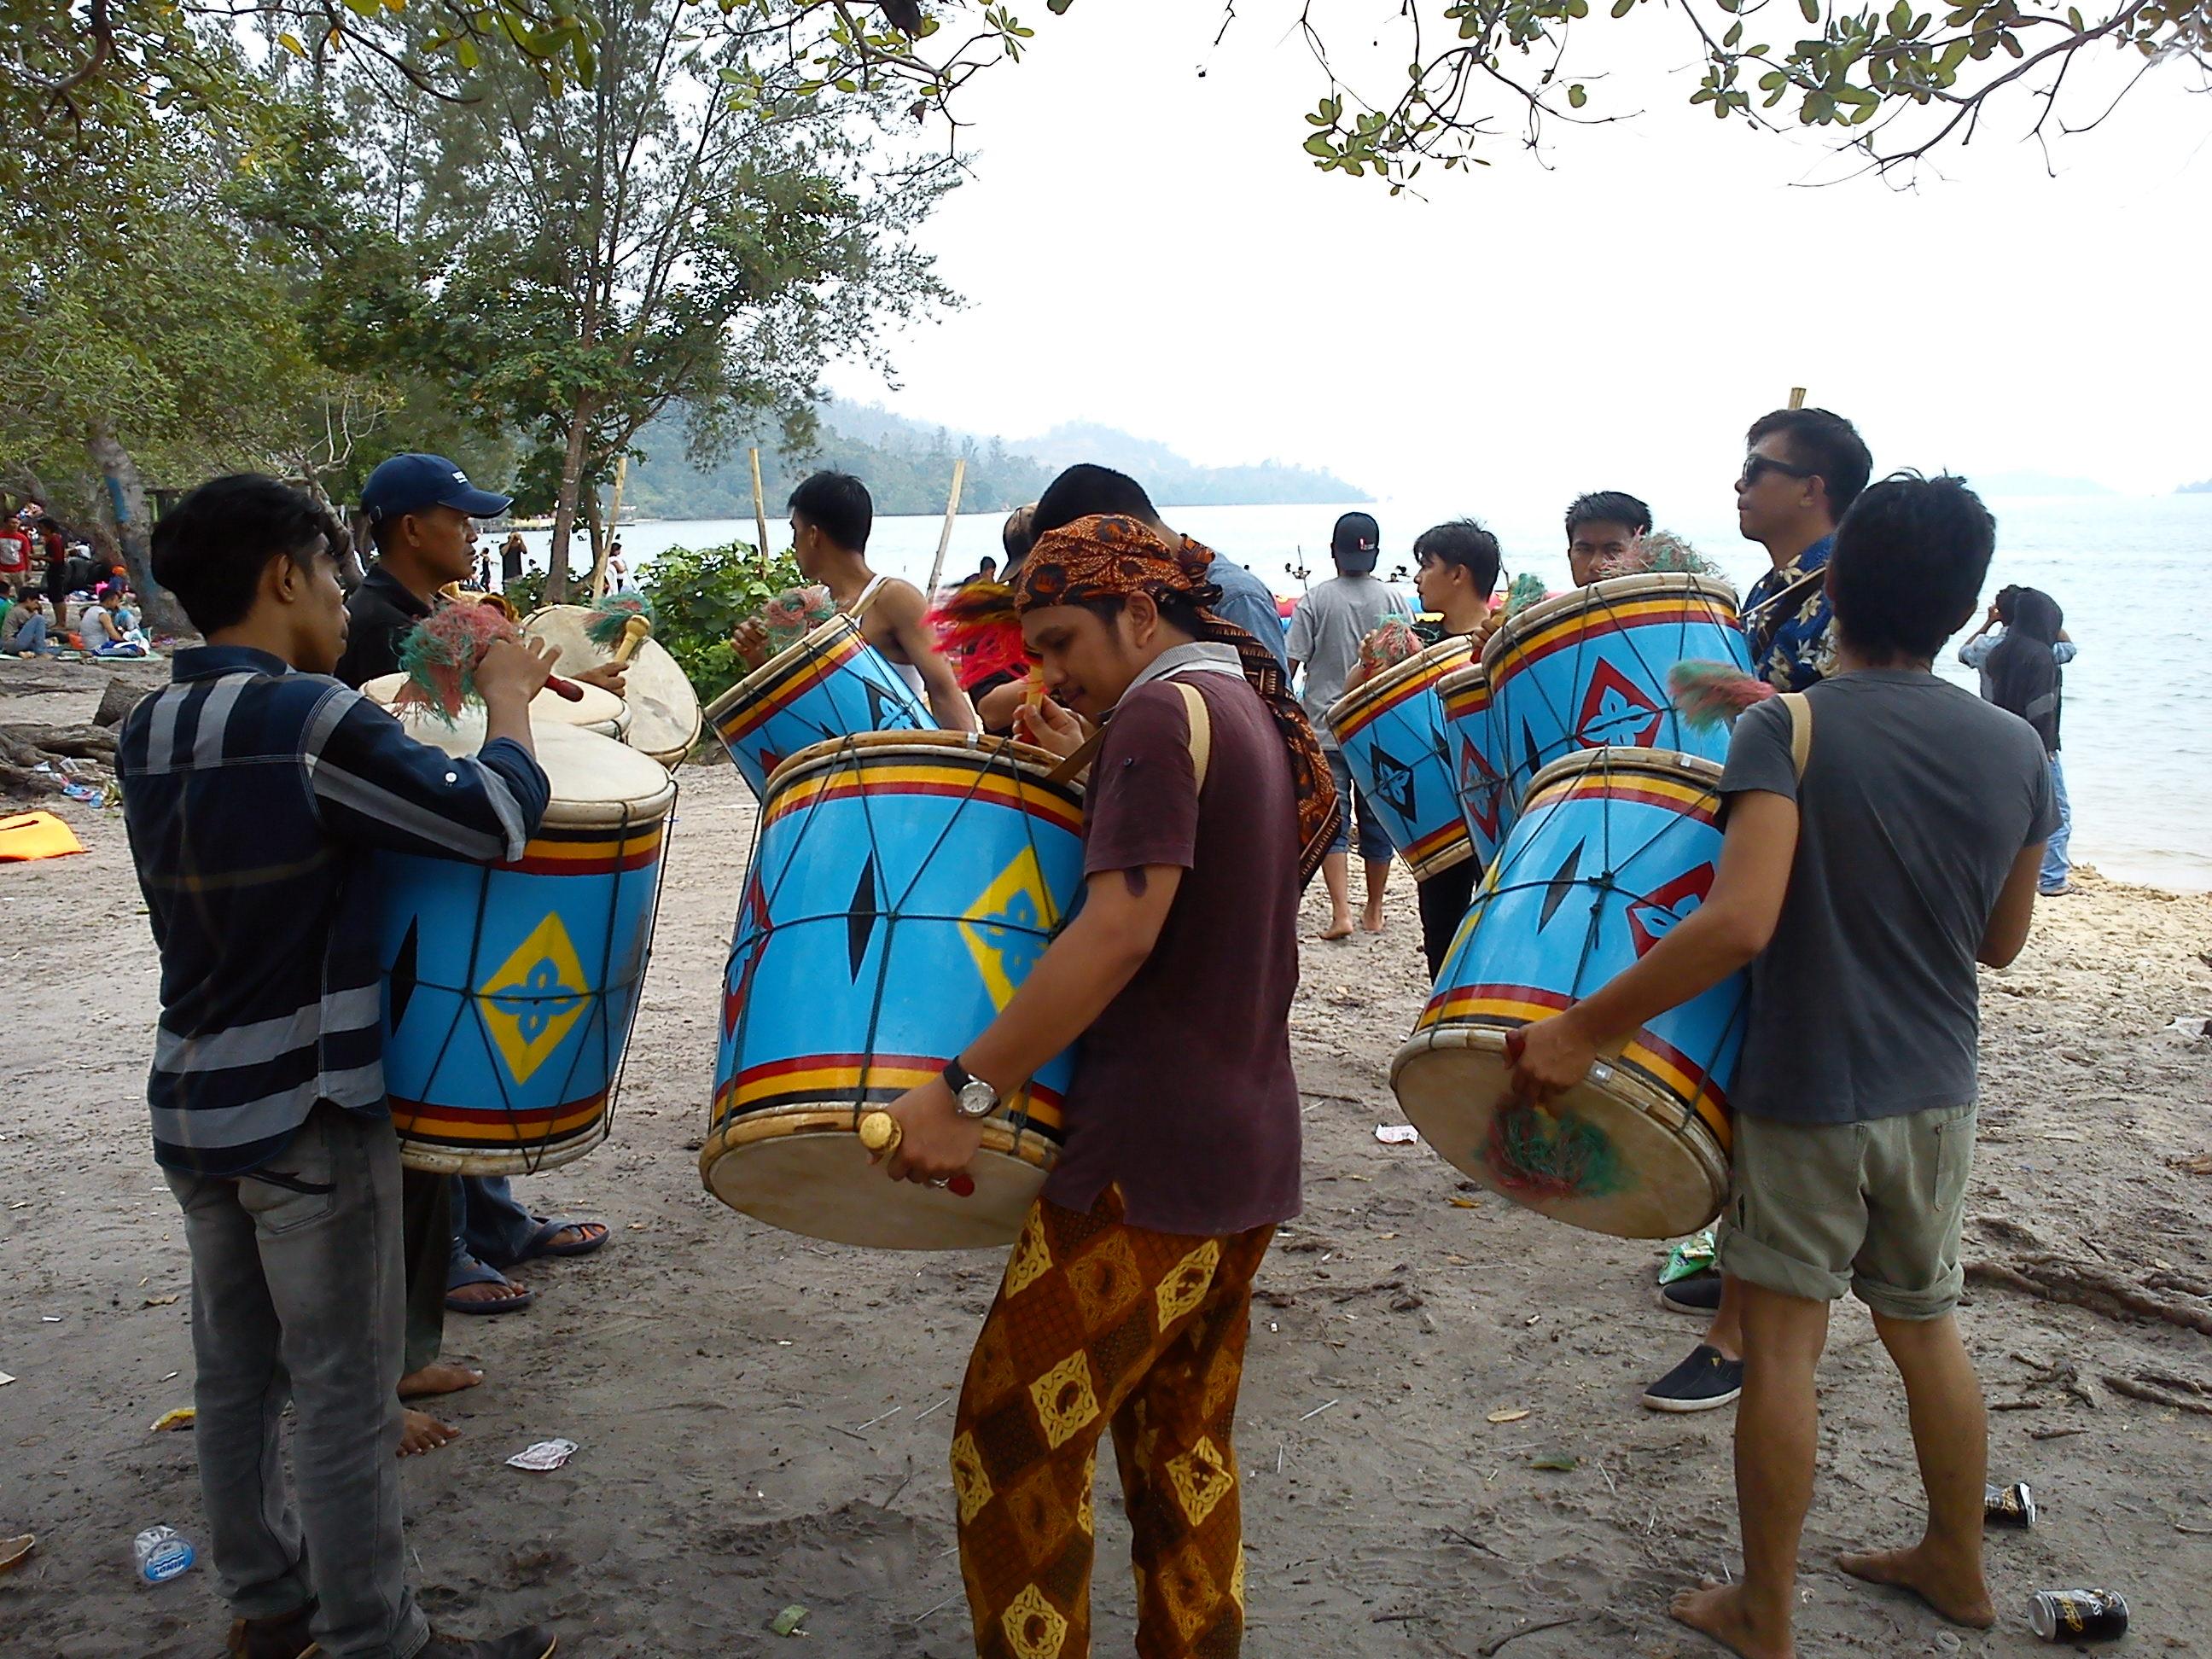 7 Jalan jalan ke Pantai Melayu Batam di Pulau Rempang, Kampung Kalat emerer.com